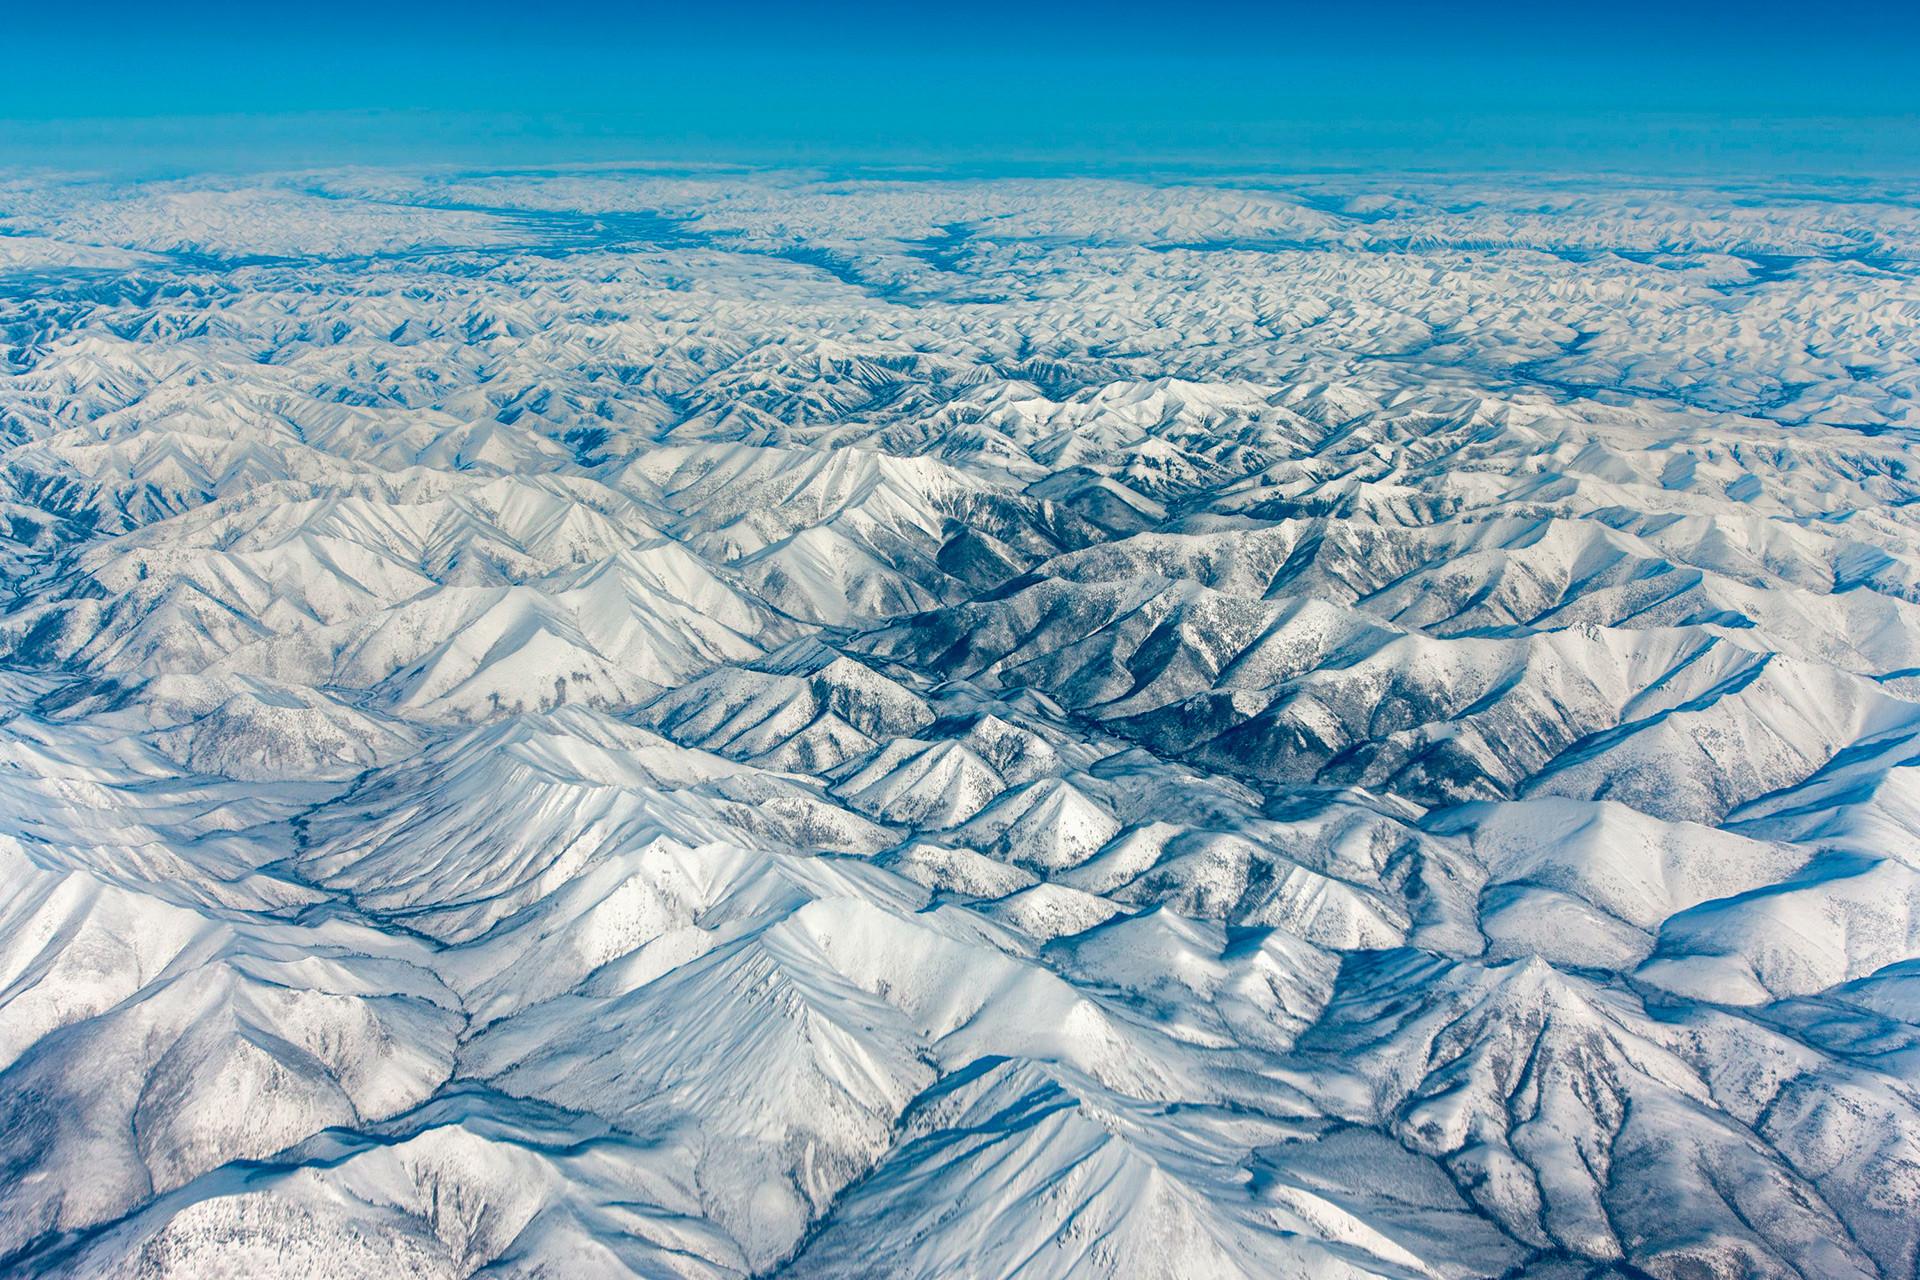 Suhu musim dingin di Yakutia bisa mencapai -77 derajat Celsius.